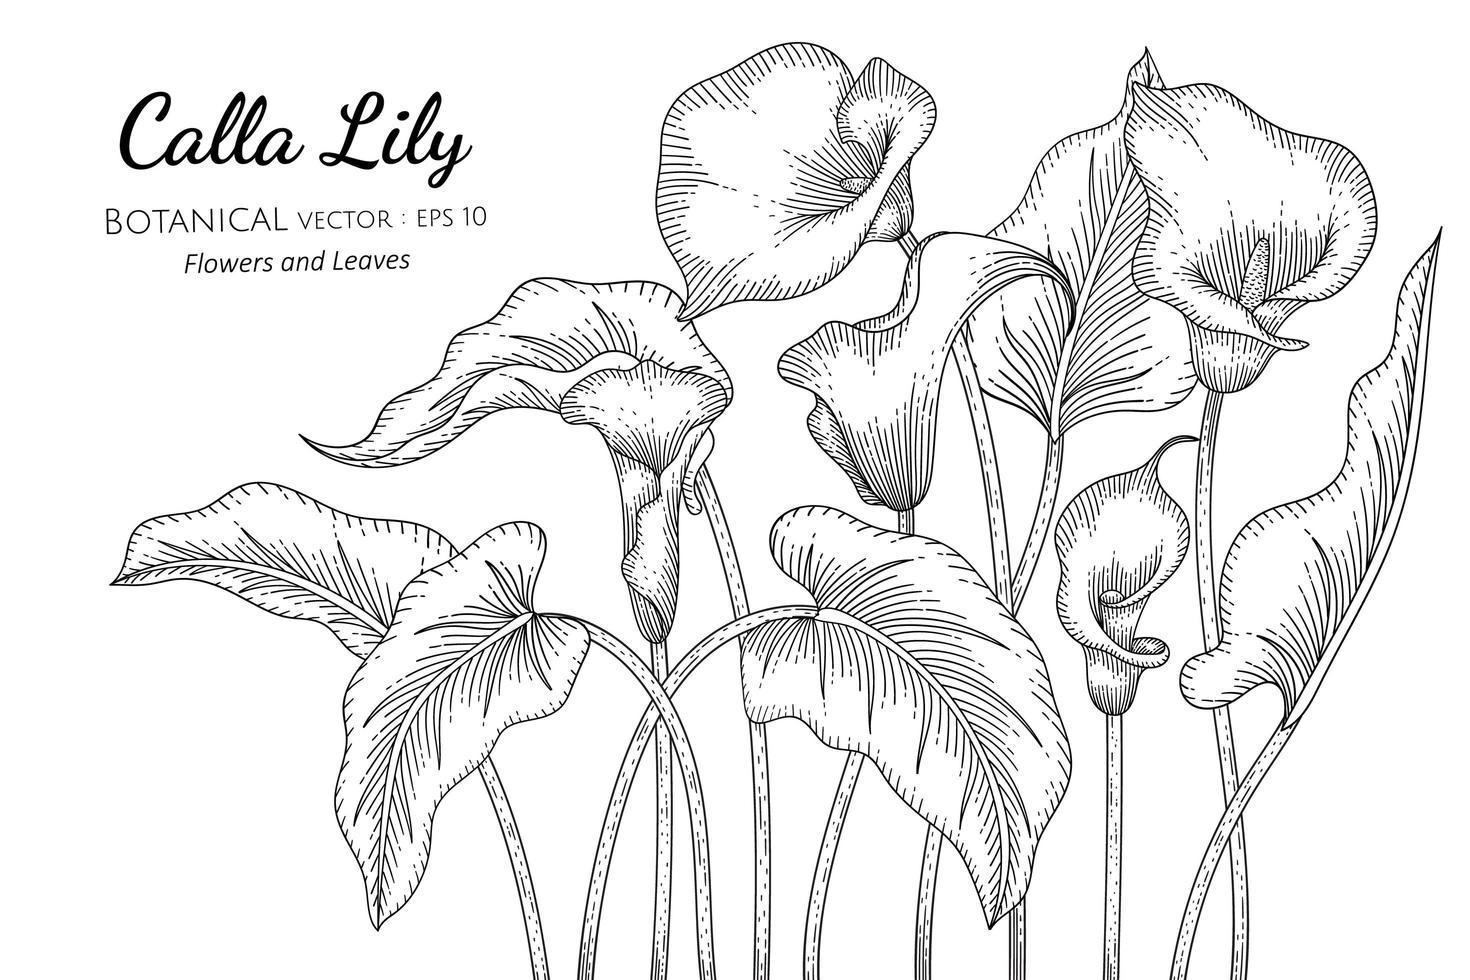 flor e folha do copo-de-leite desenhada à mão, arte de linha botânica vetor